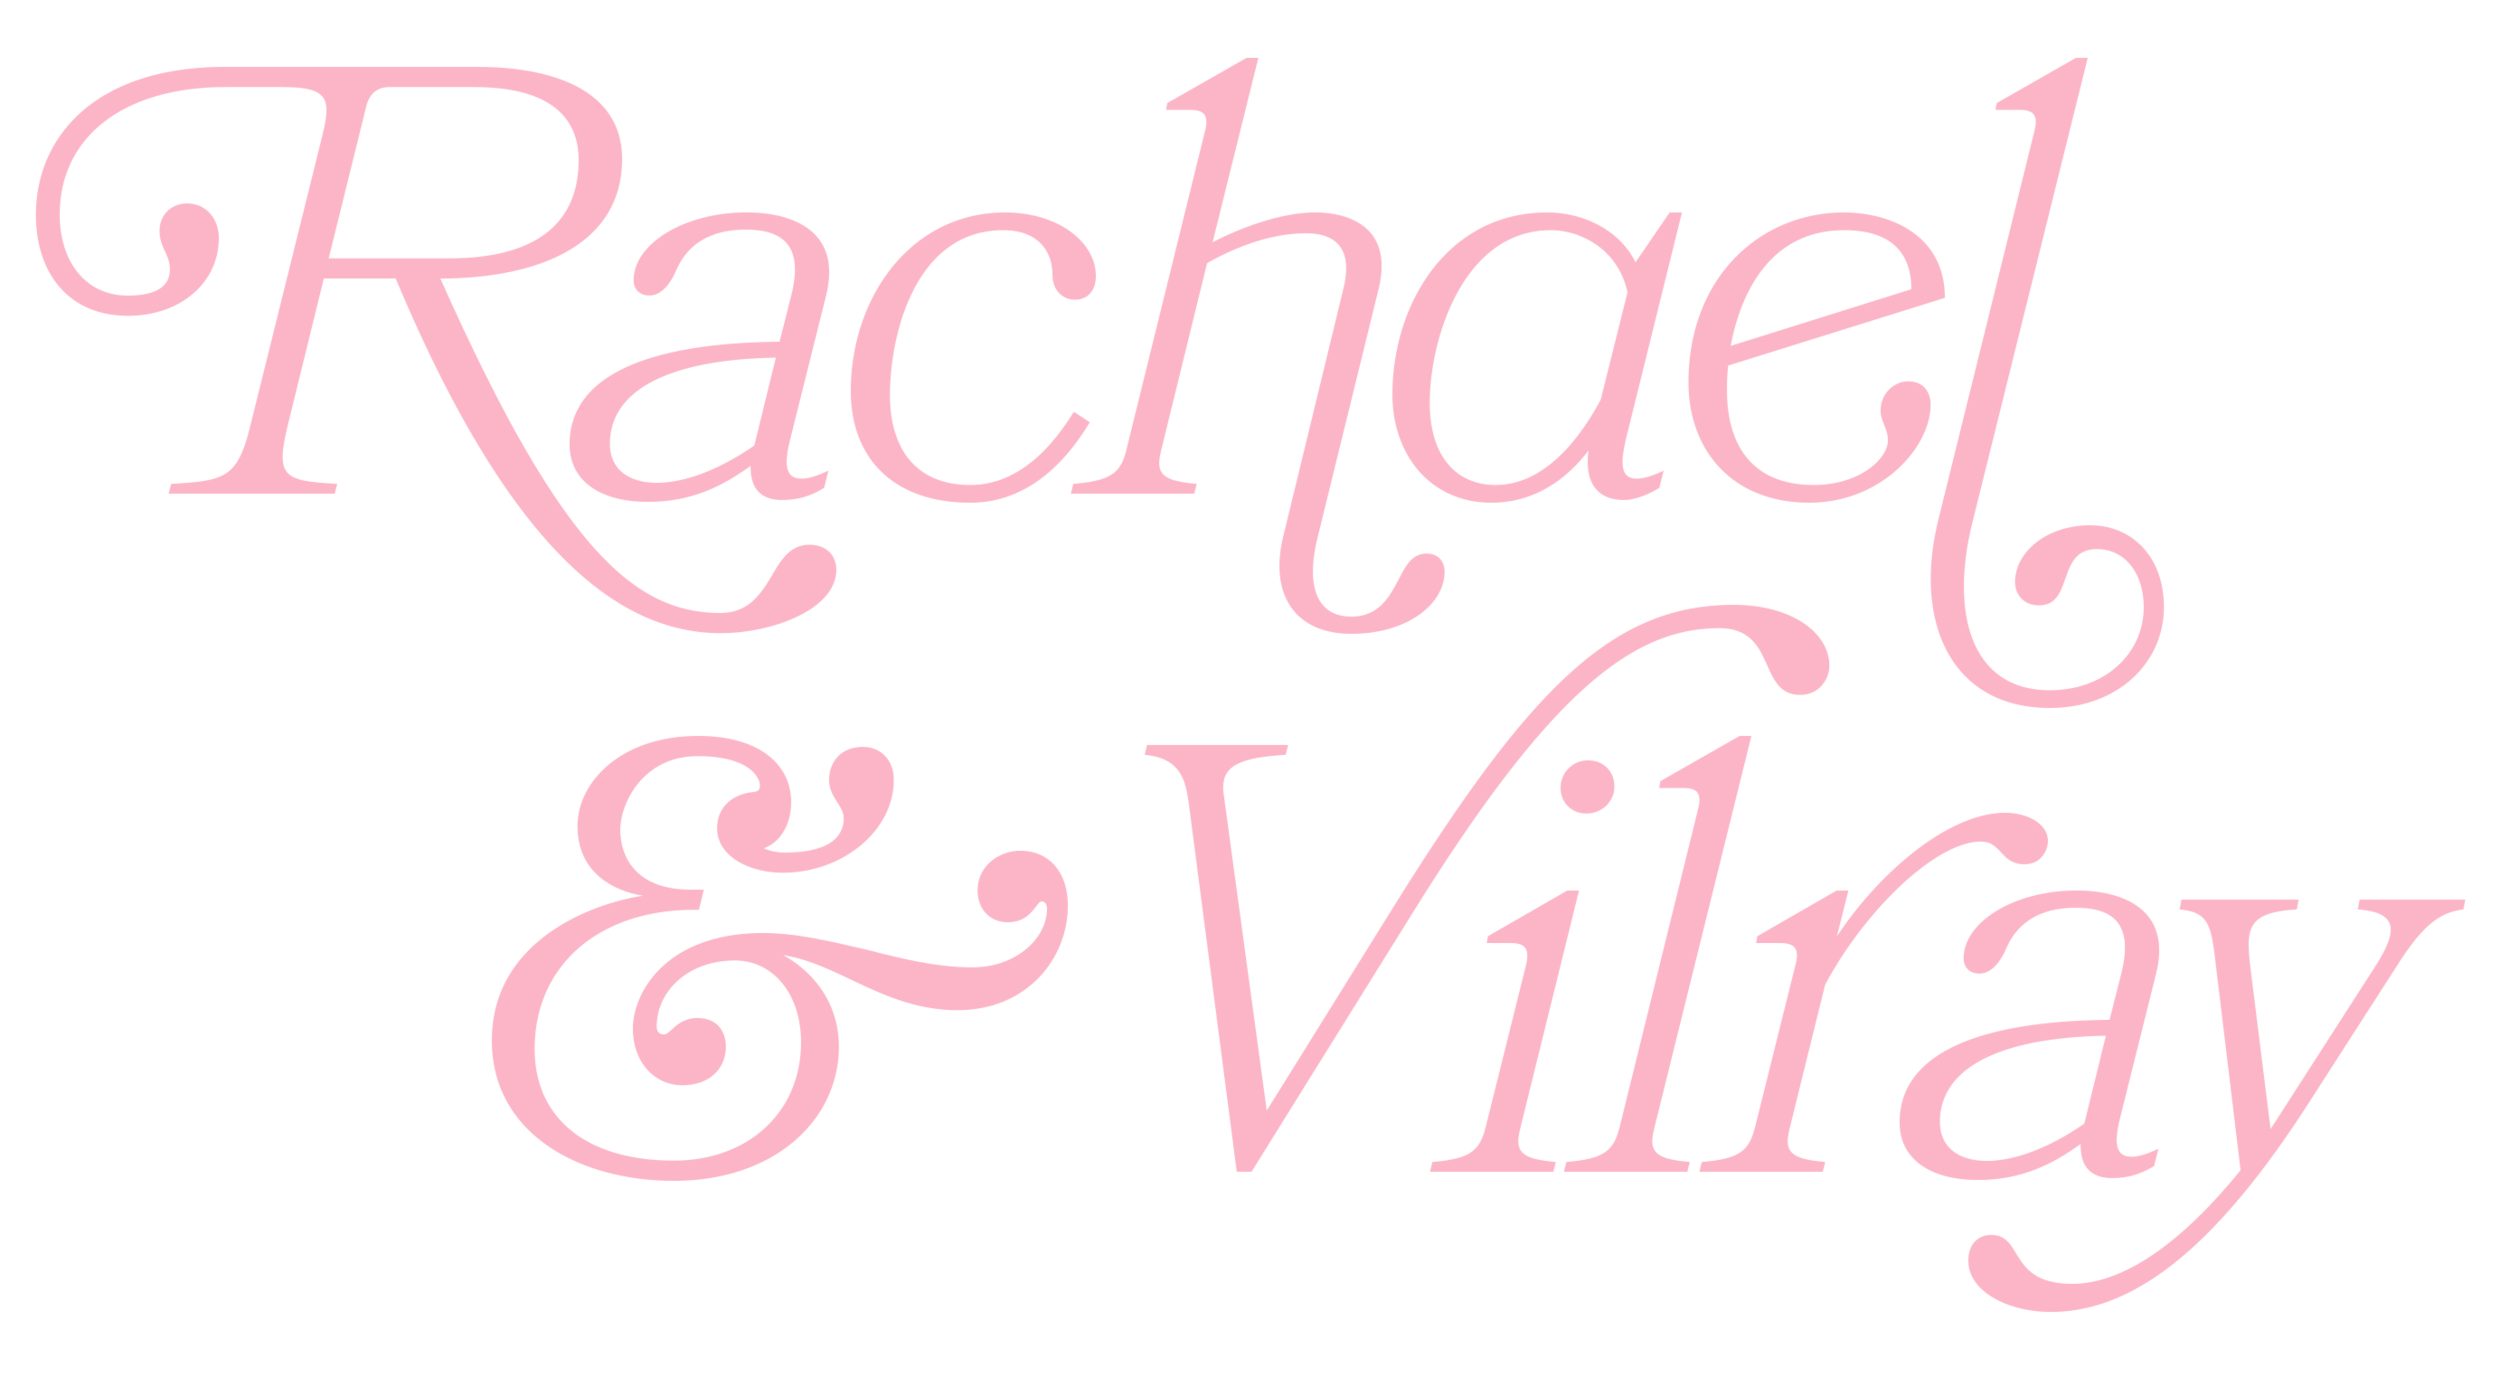 Rachael & Vilray transparent.png